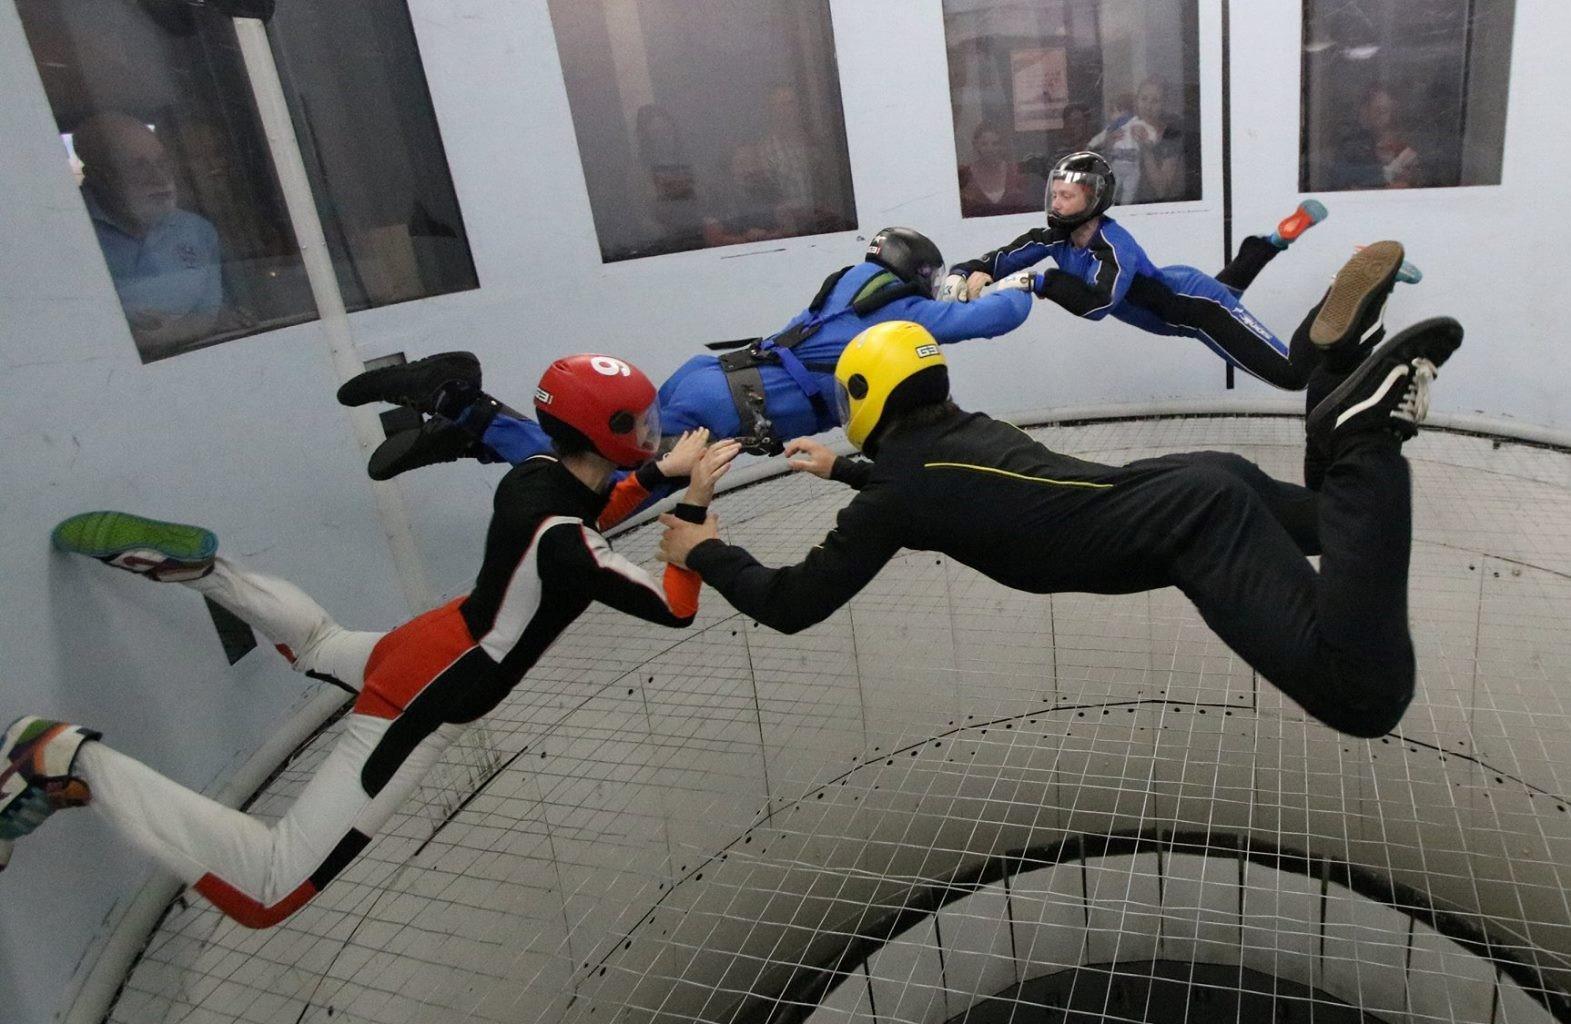 tunnel-skydiving.jpg